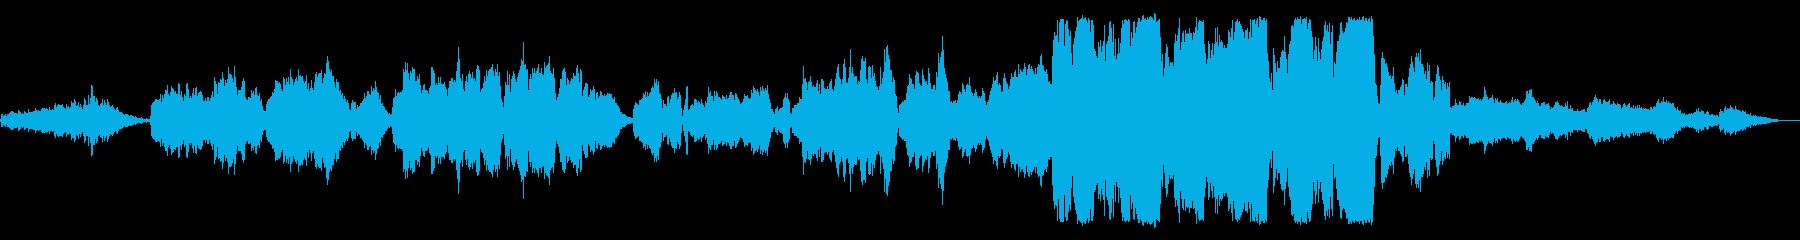 優しくステキなクラシック調の曲です。の再生済みの波形